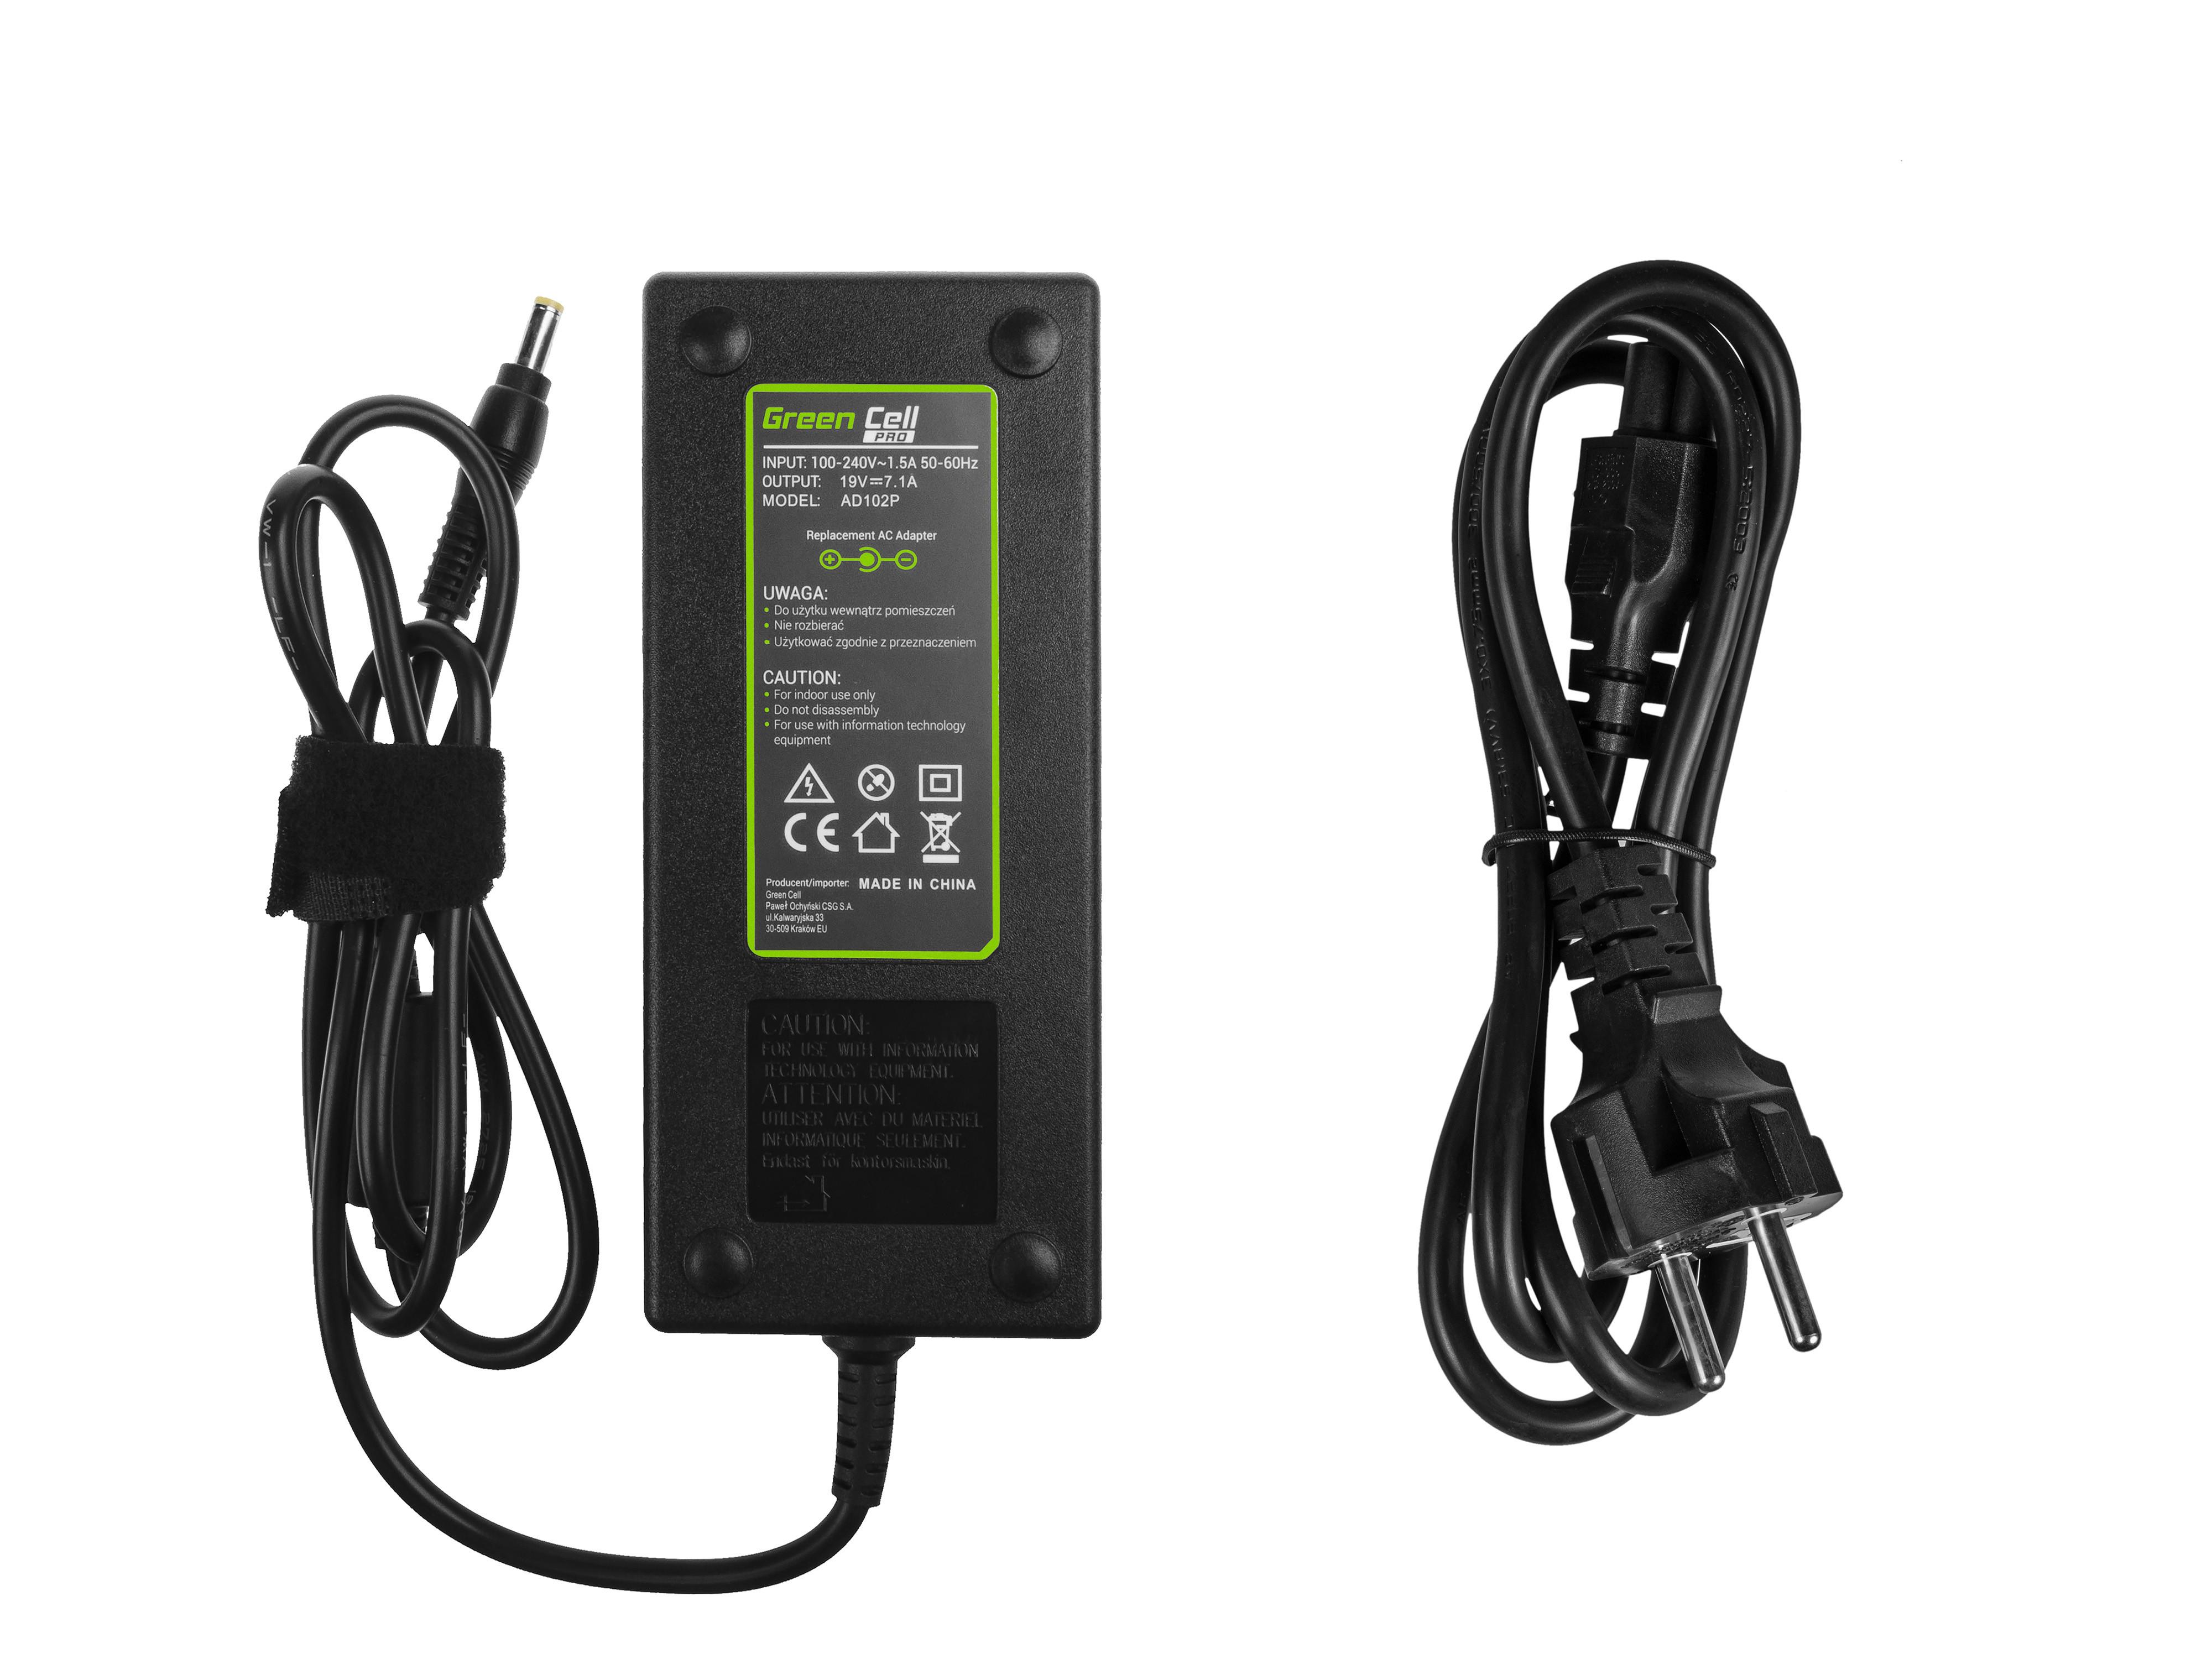 Green Cell AD102P Adaptér Nabíječka Acer Aspire Nitro V15 VN7-571G VN7-572G VN7-591G VN7-592G 19V 7.1A 135W